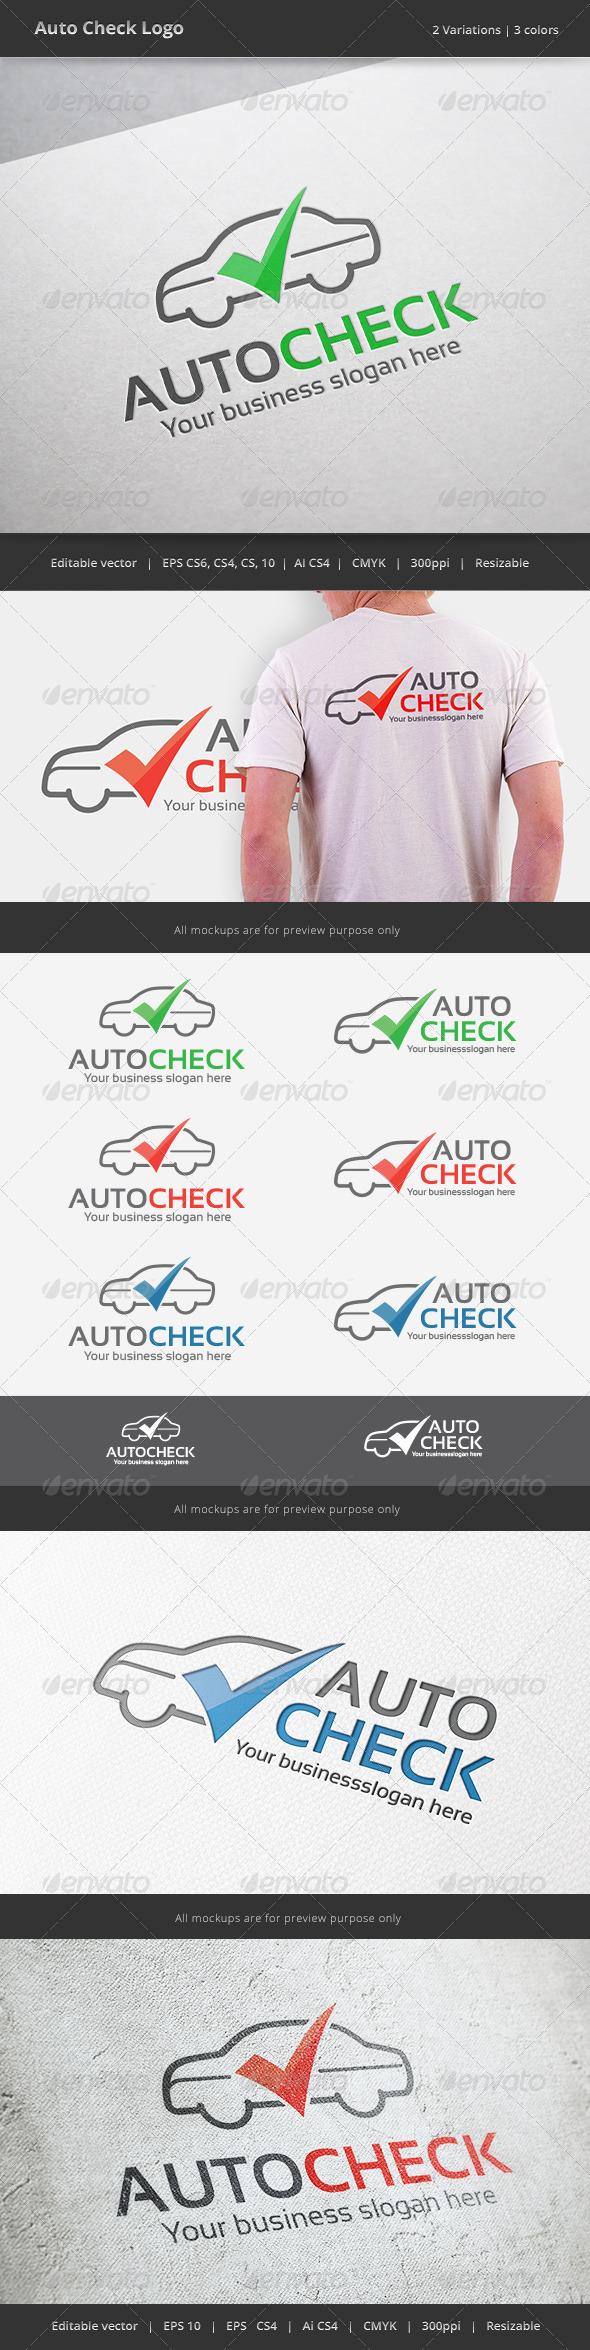 Auto Check Car Logo